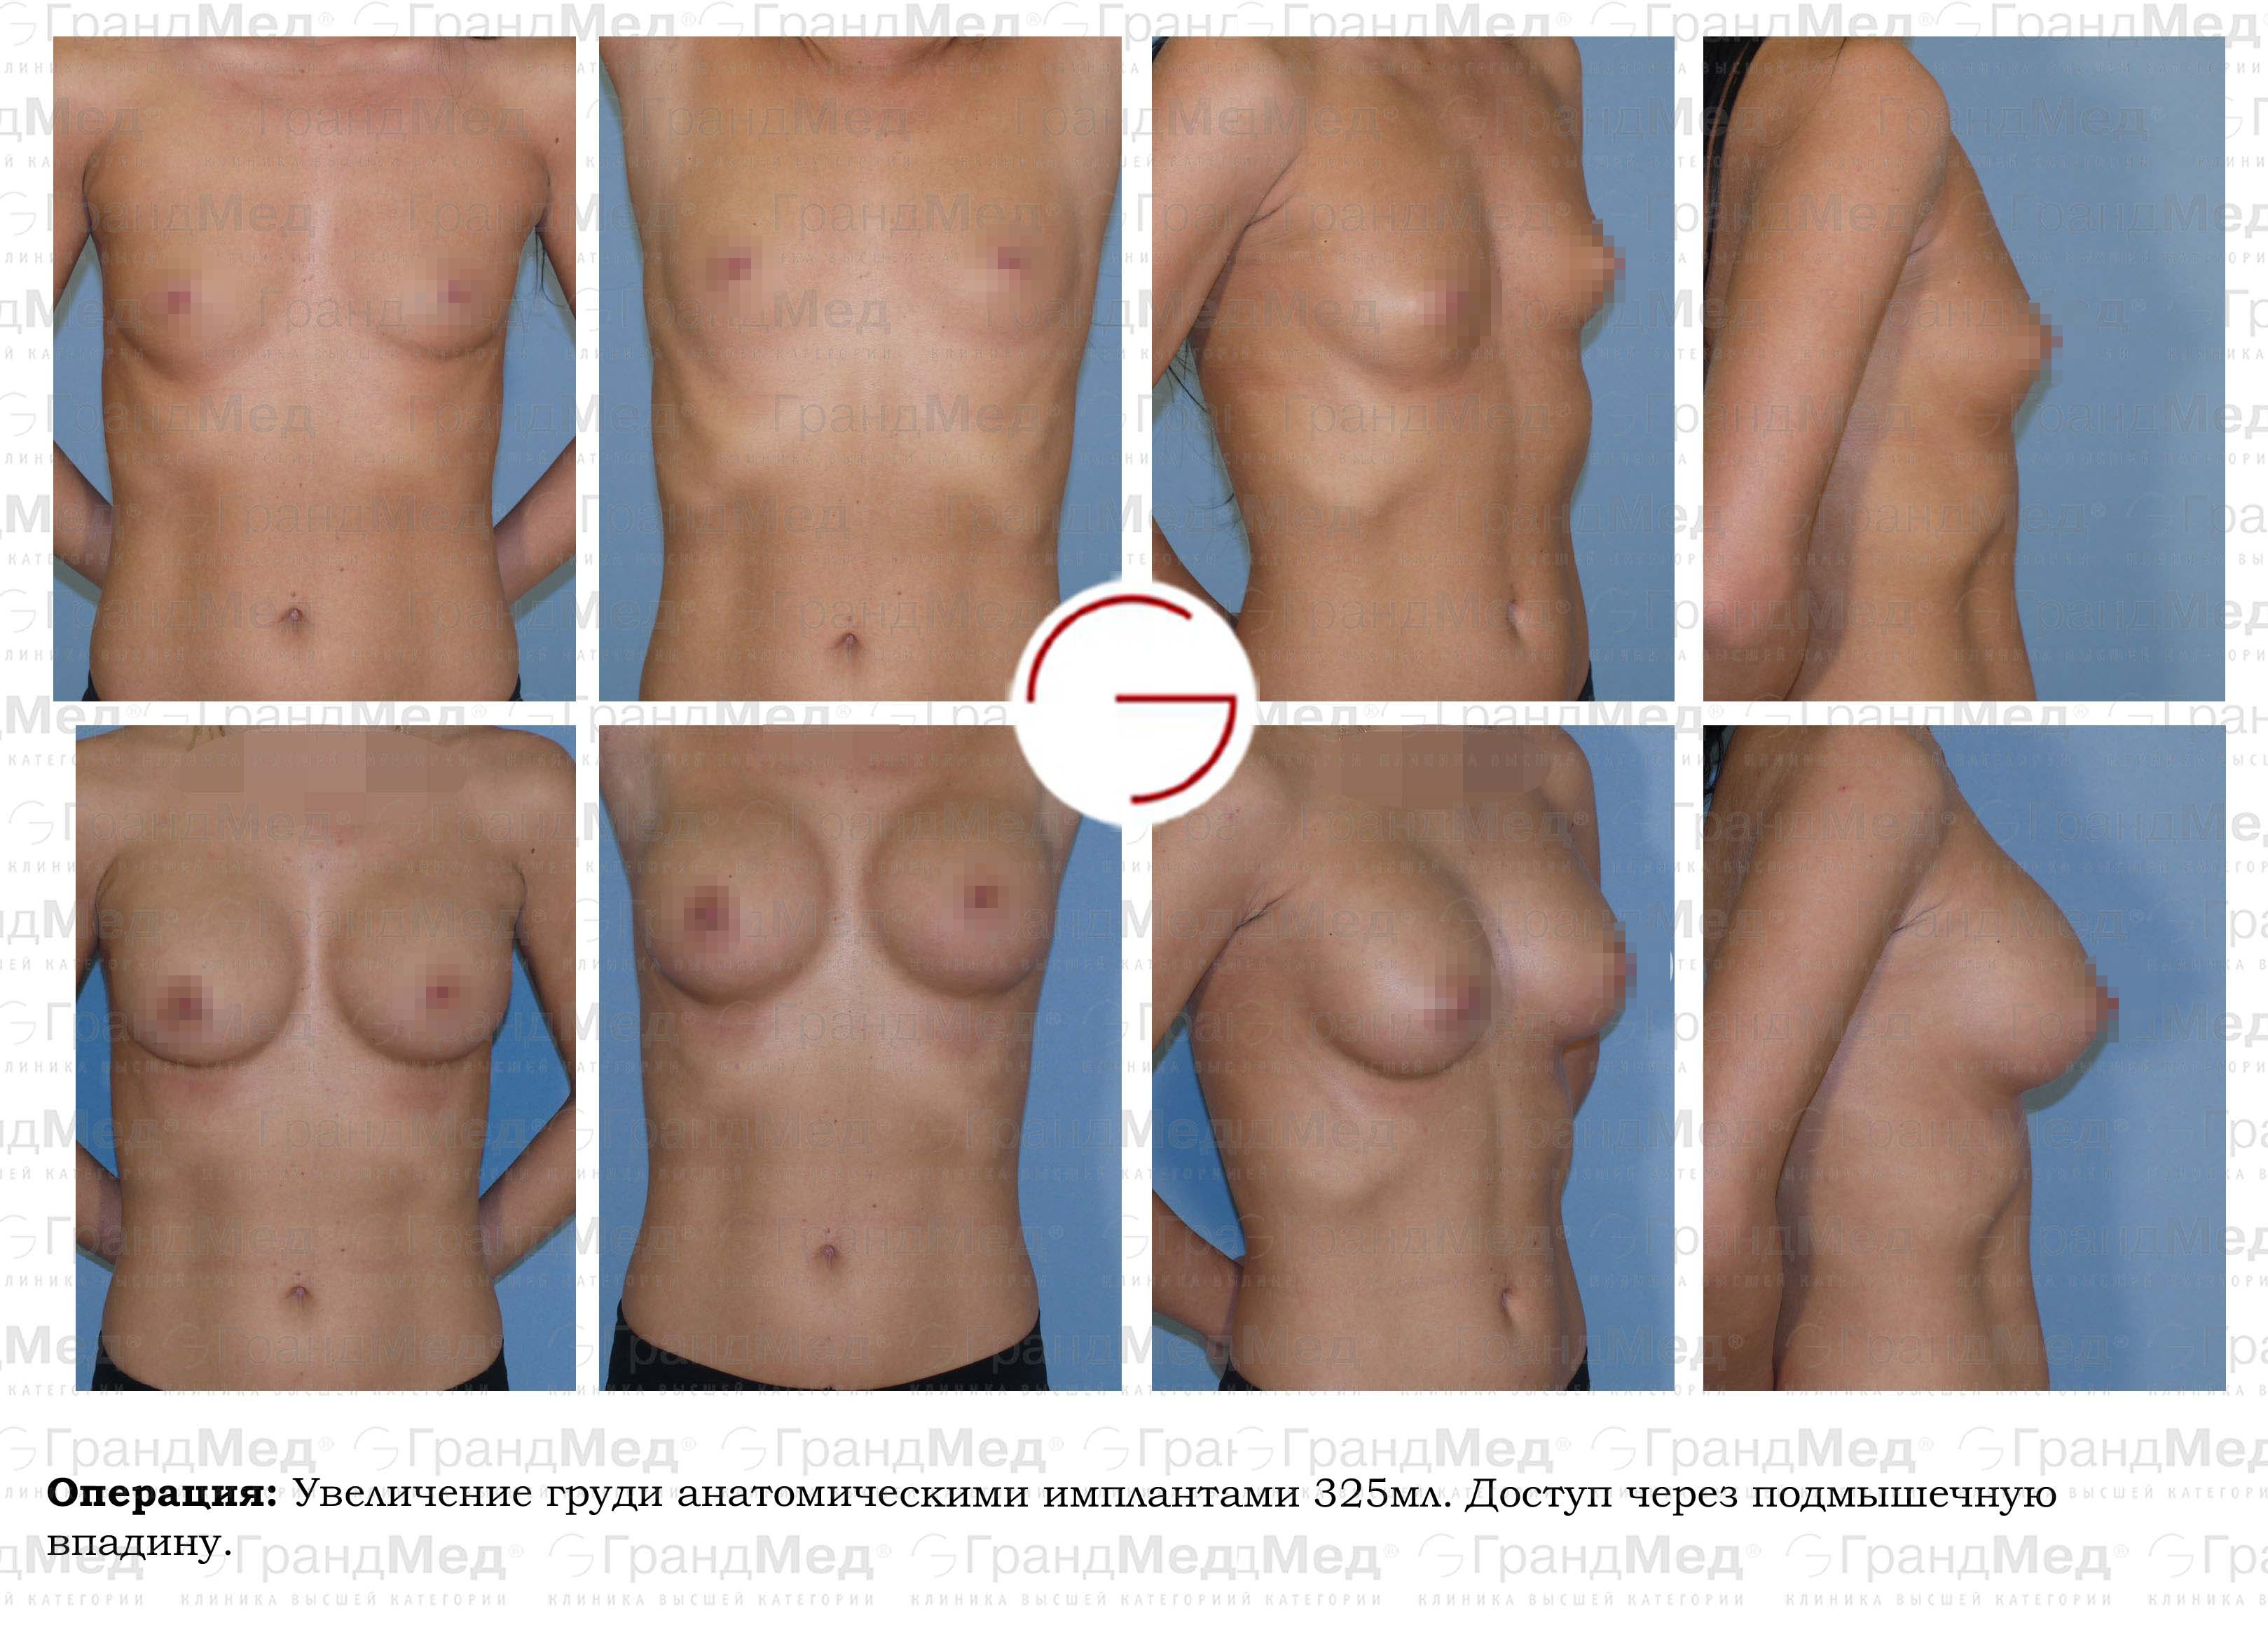 Пластика груди отзывы 5 фотография